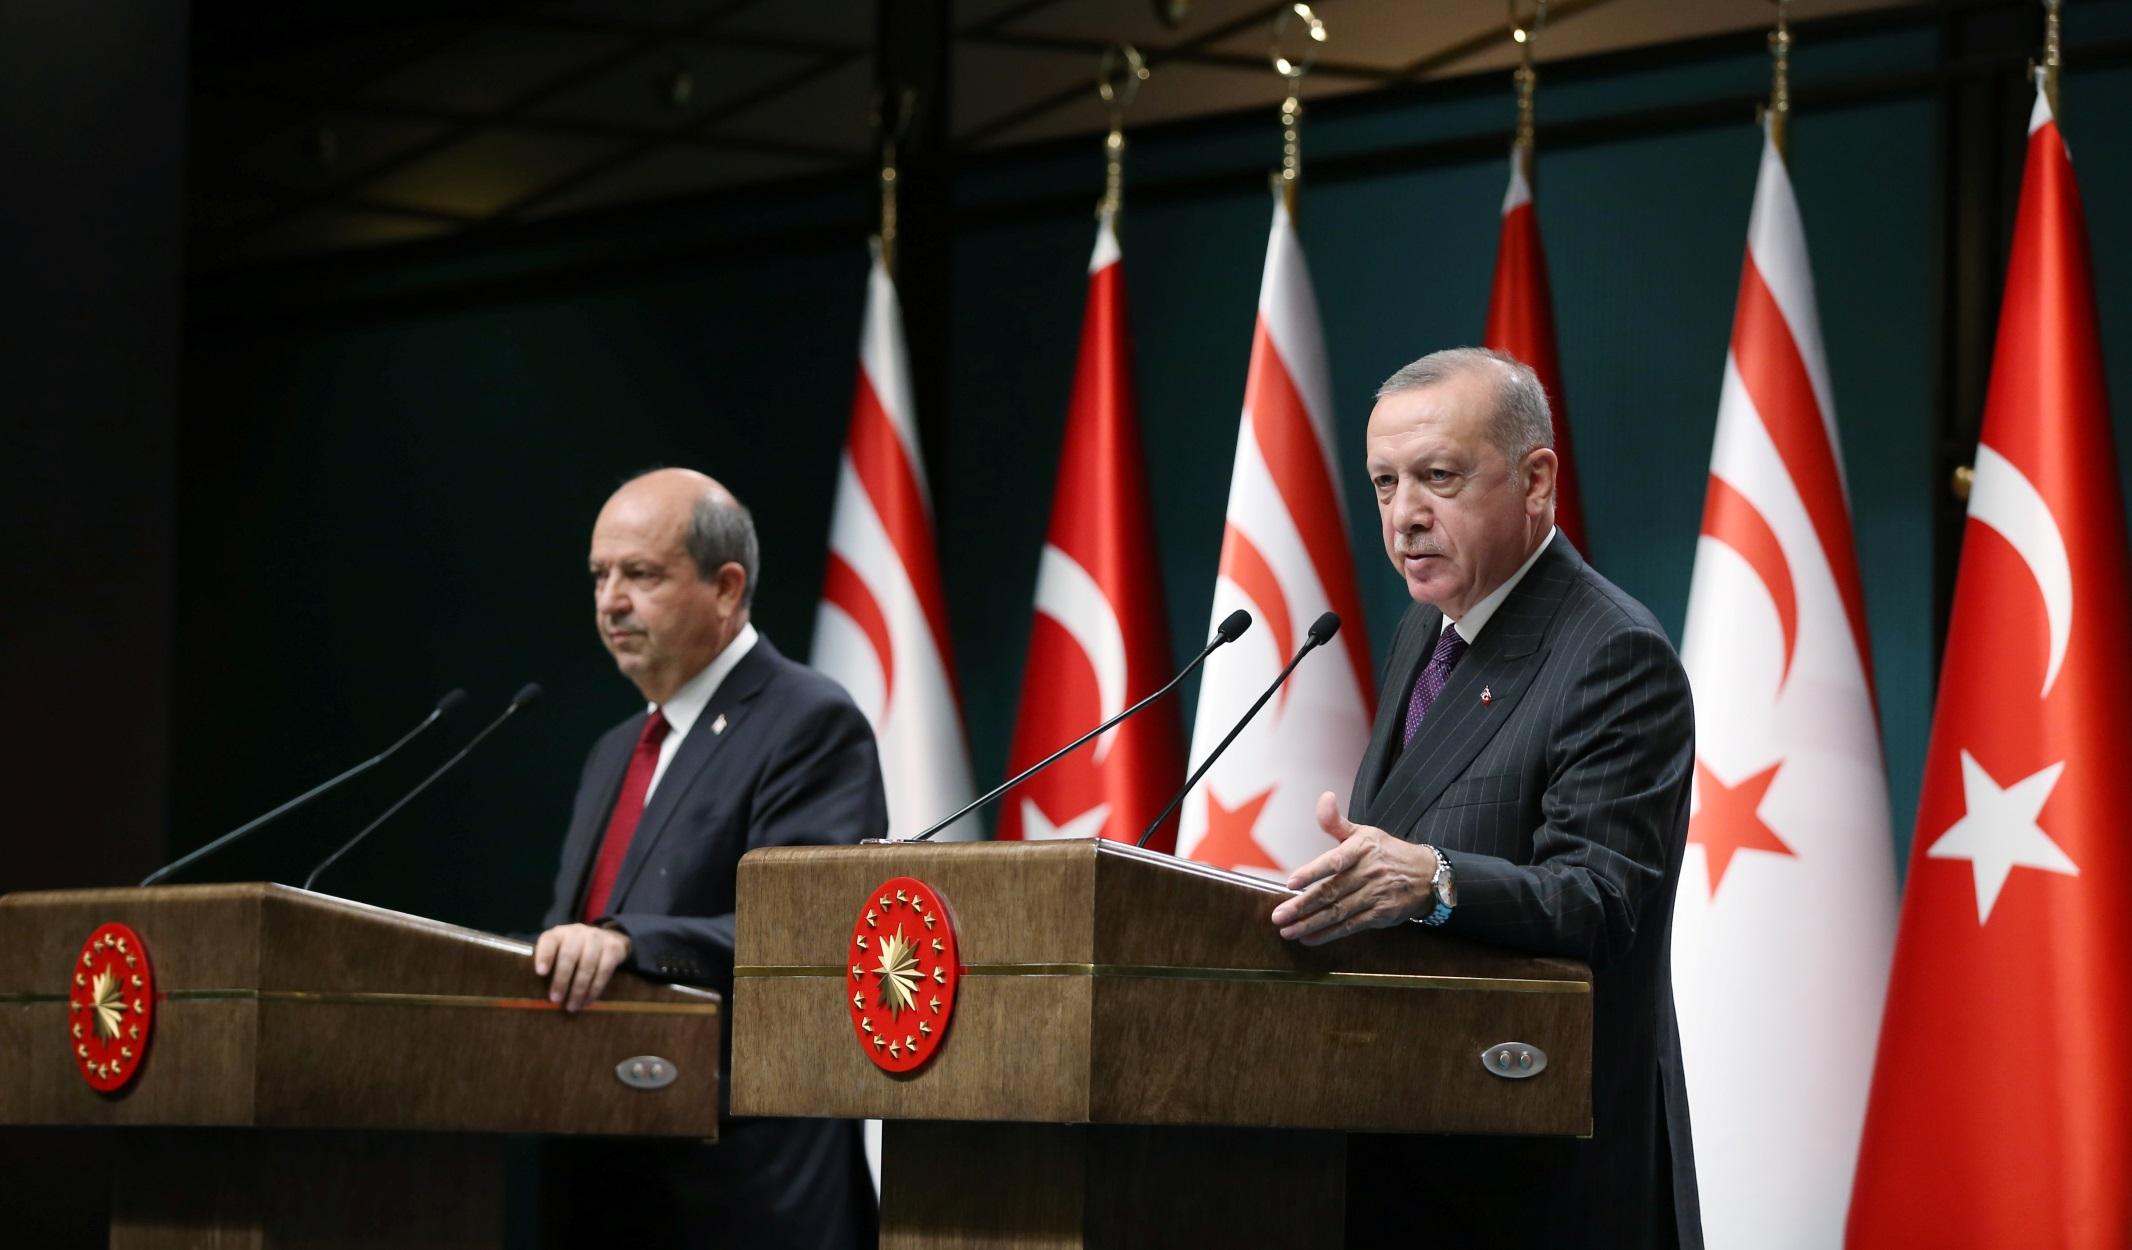 Κατεχόμενα: Κατέρρευσε η κυβέρνηση συνεργασίας μετά την απόφαση Ερντογάν για τα Βαρώσια